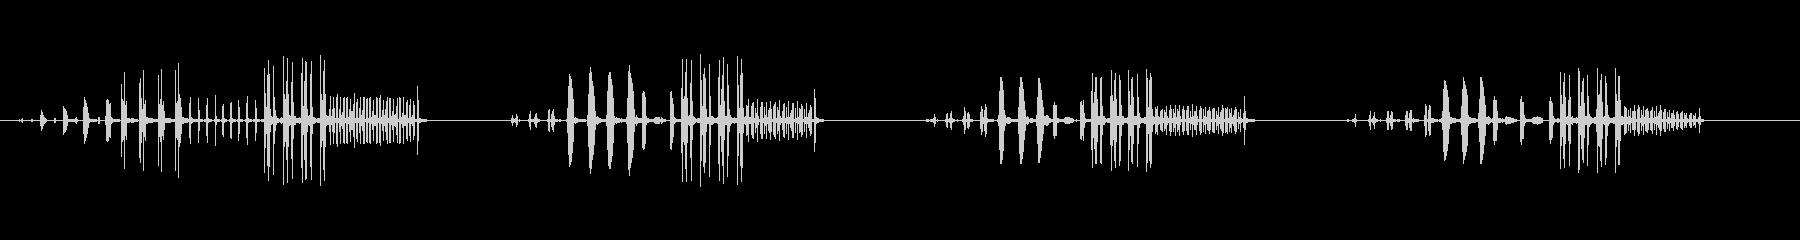 THRUSH NIGHTINGAL...の未再生の波形